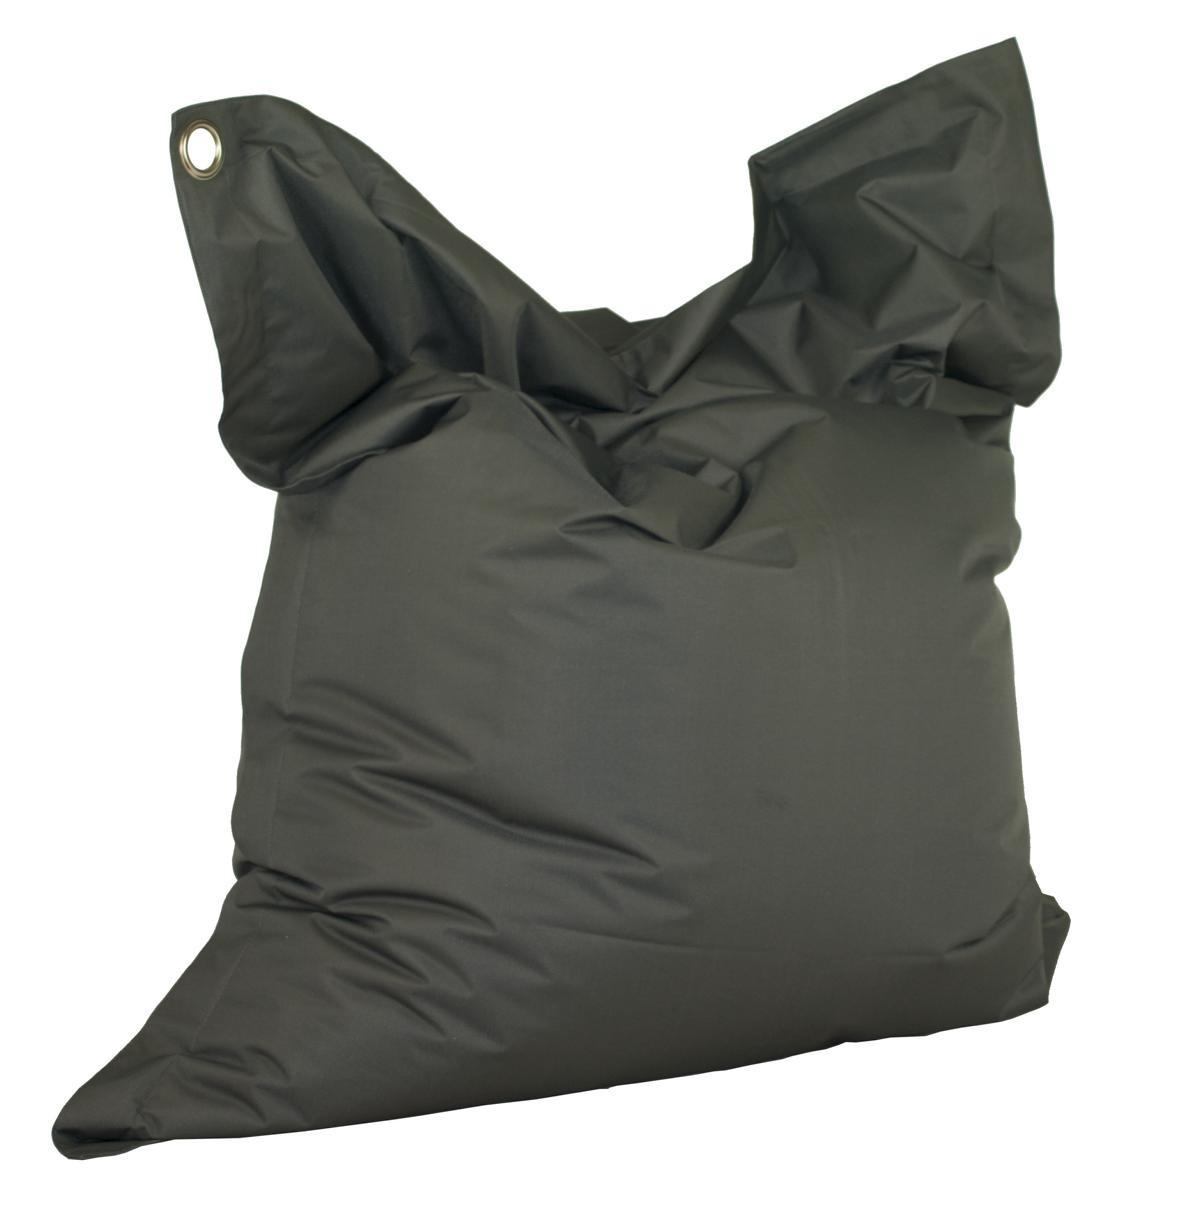 sitzsack big sitting bag oxford mod 1142315 grau h c m bel. Black Bedroom Furniture Sets. Home Design Ideas